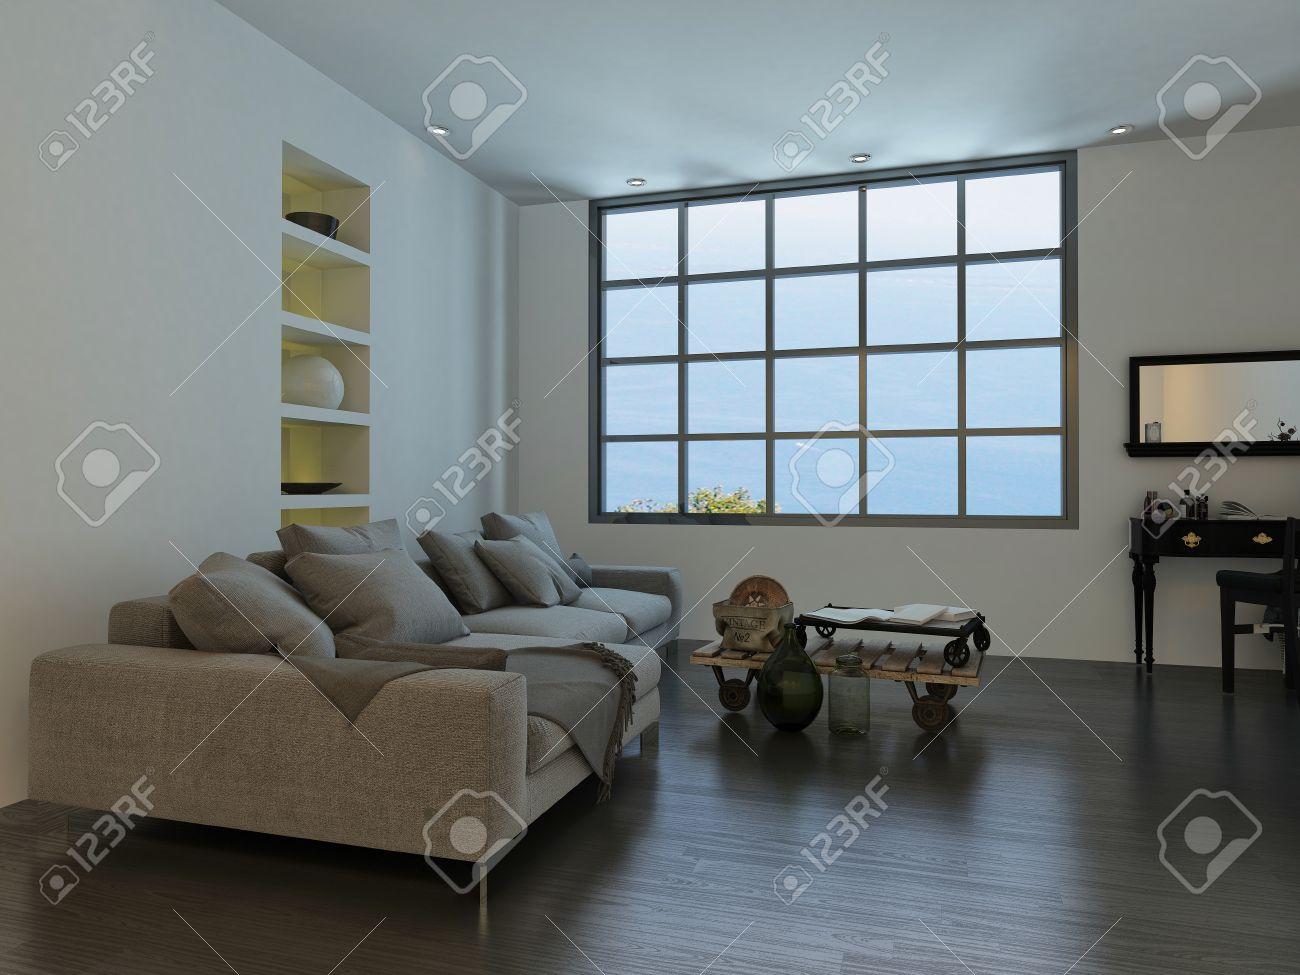 Woonkamer met een grote cottage ruit stijl venster en een grote ...